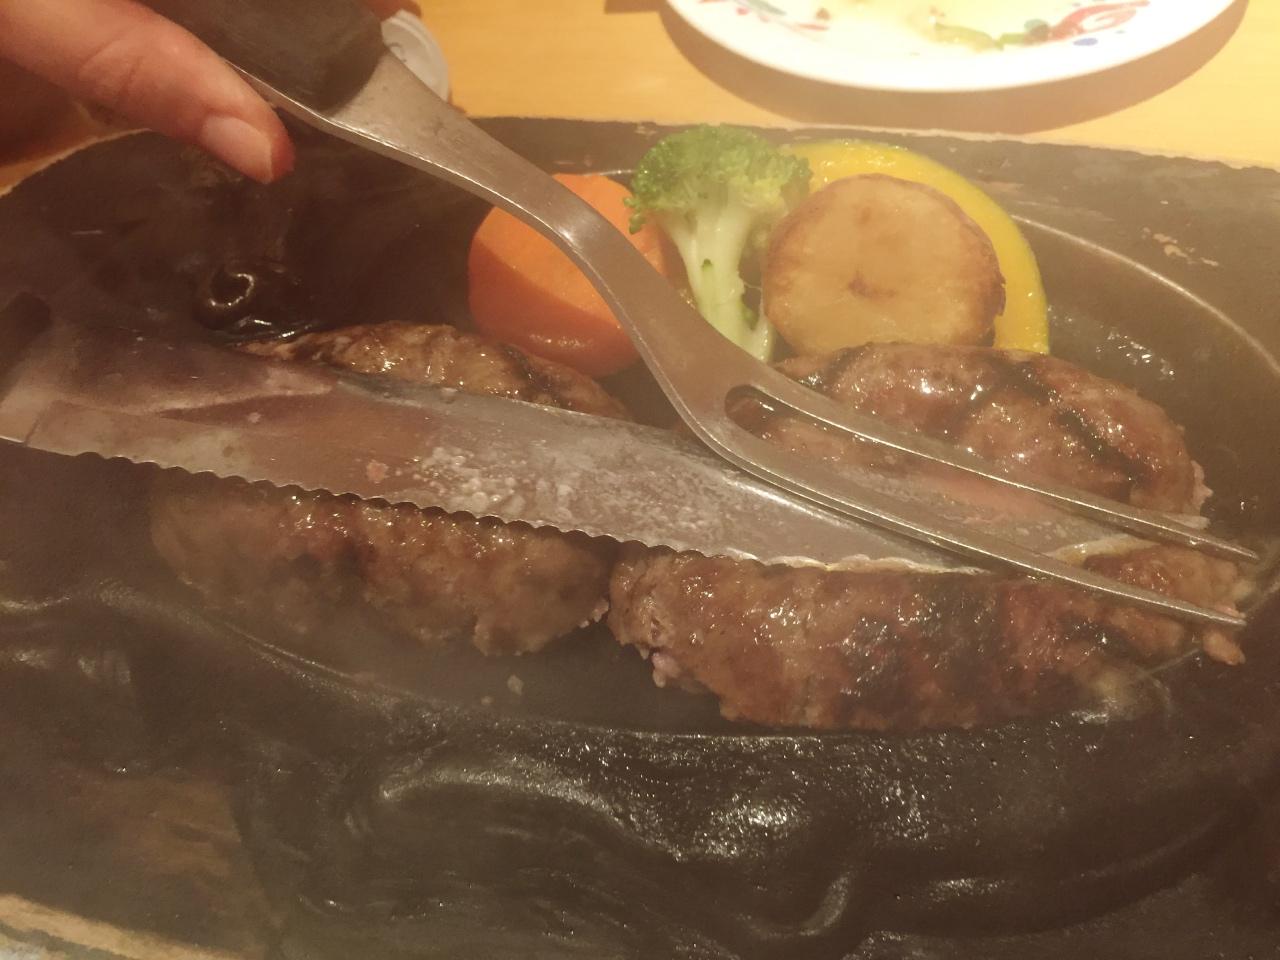 静岡に行ったら食べておきたい元祖カフェ飯「さわやか」のハンバーグ